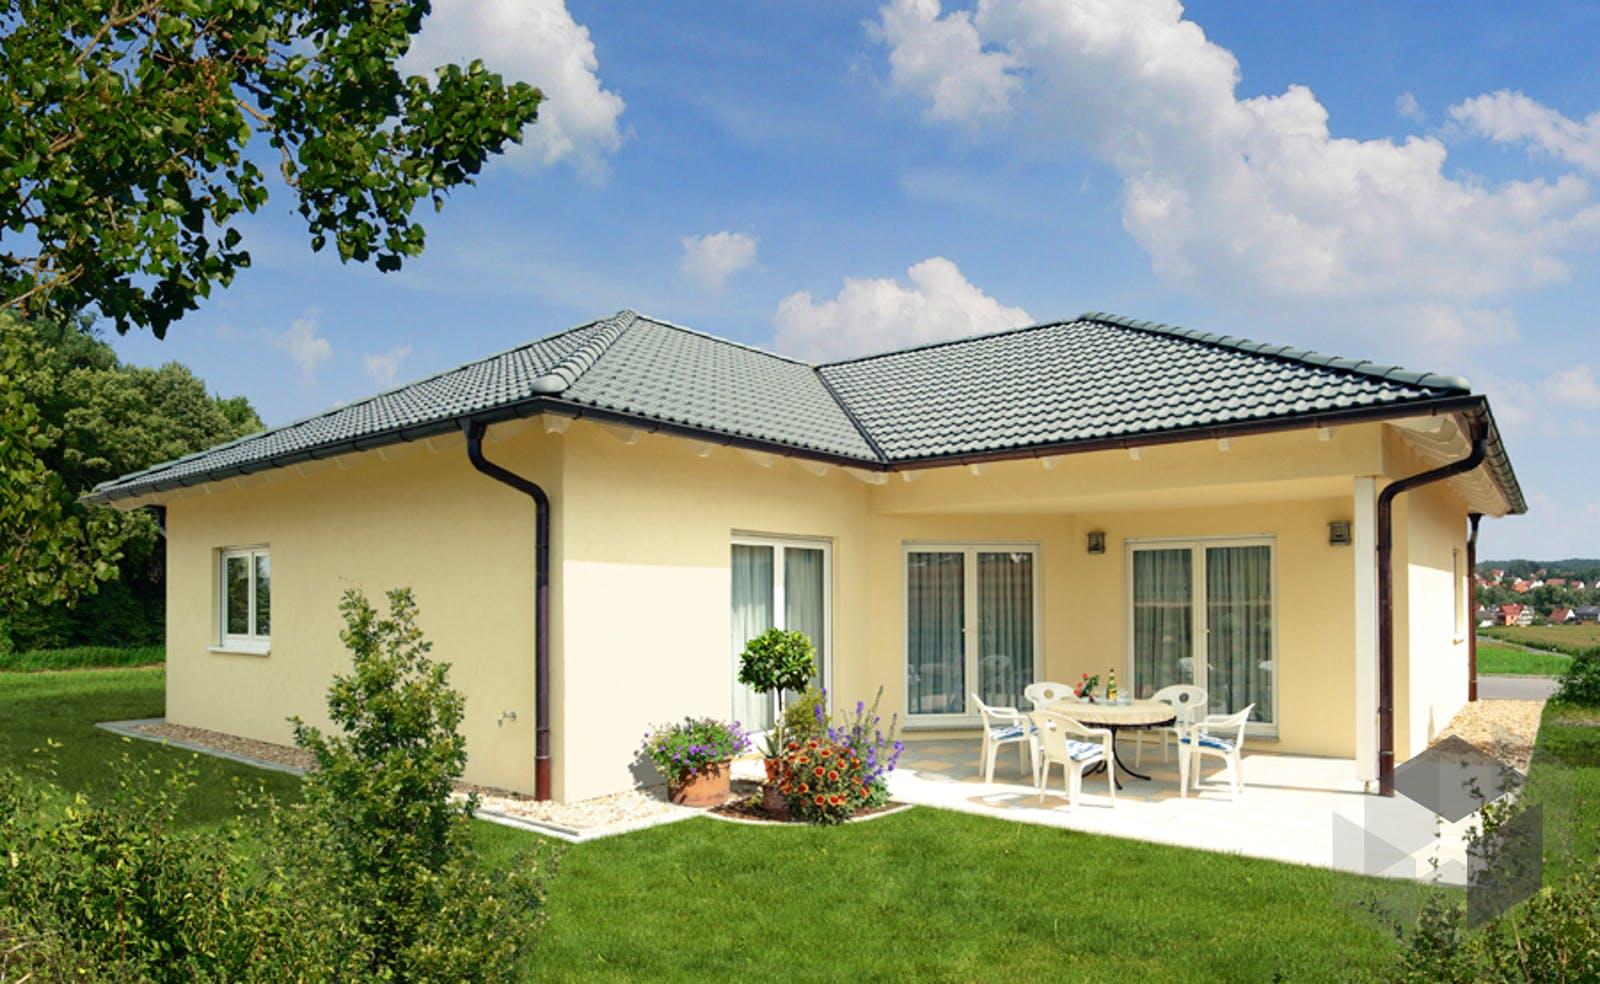 Fertighaus bungalow preise schlüsselfertig  Einen Bungalow bauen | Preise | Anbieter | Infos